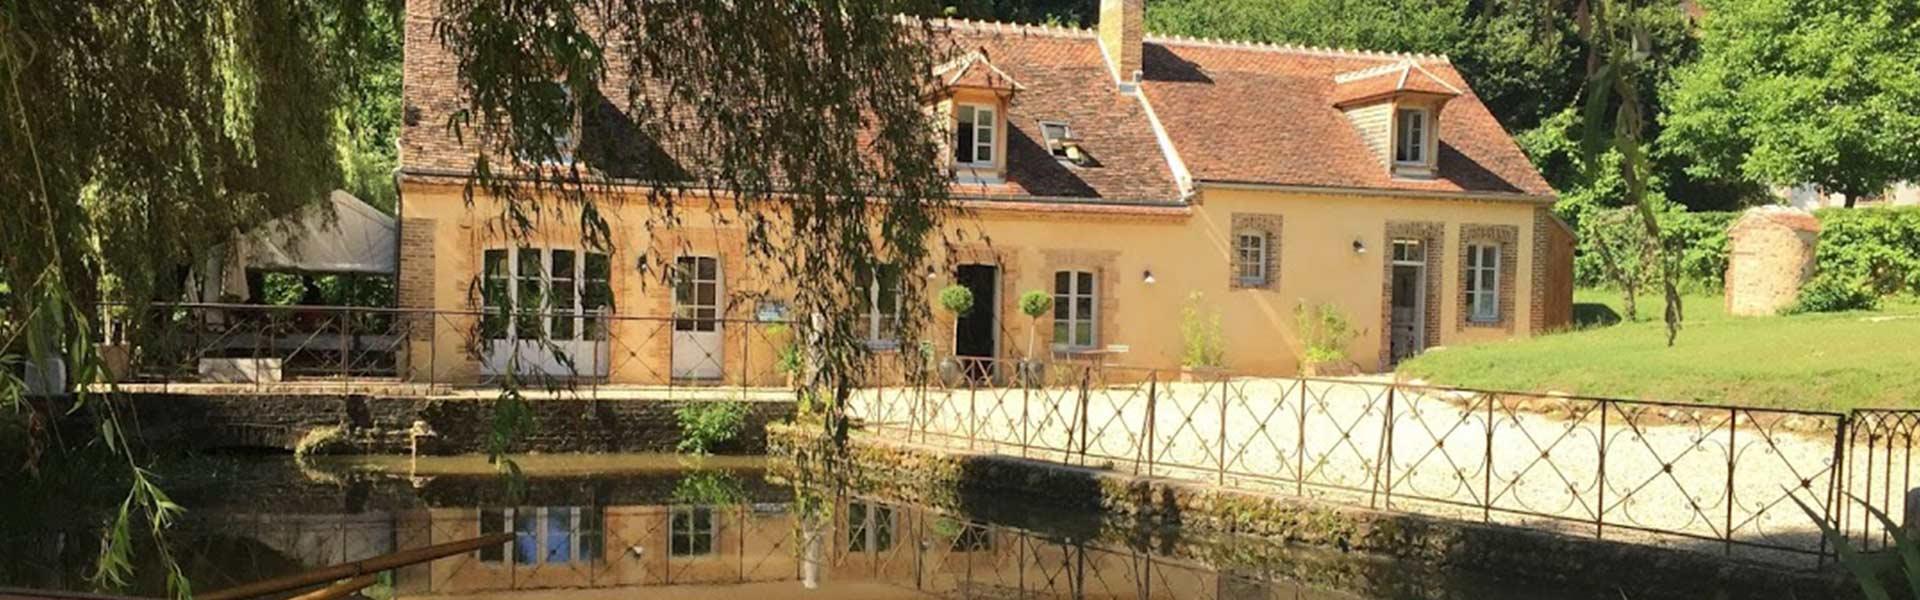 bandeau restaurant Moulin de Corneil